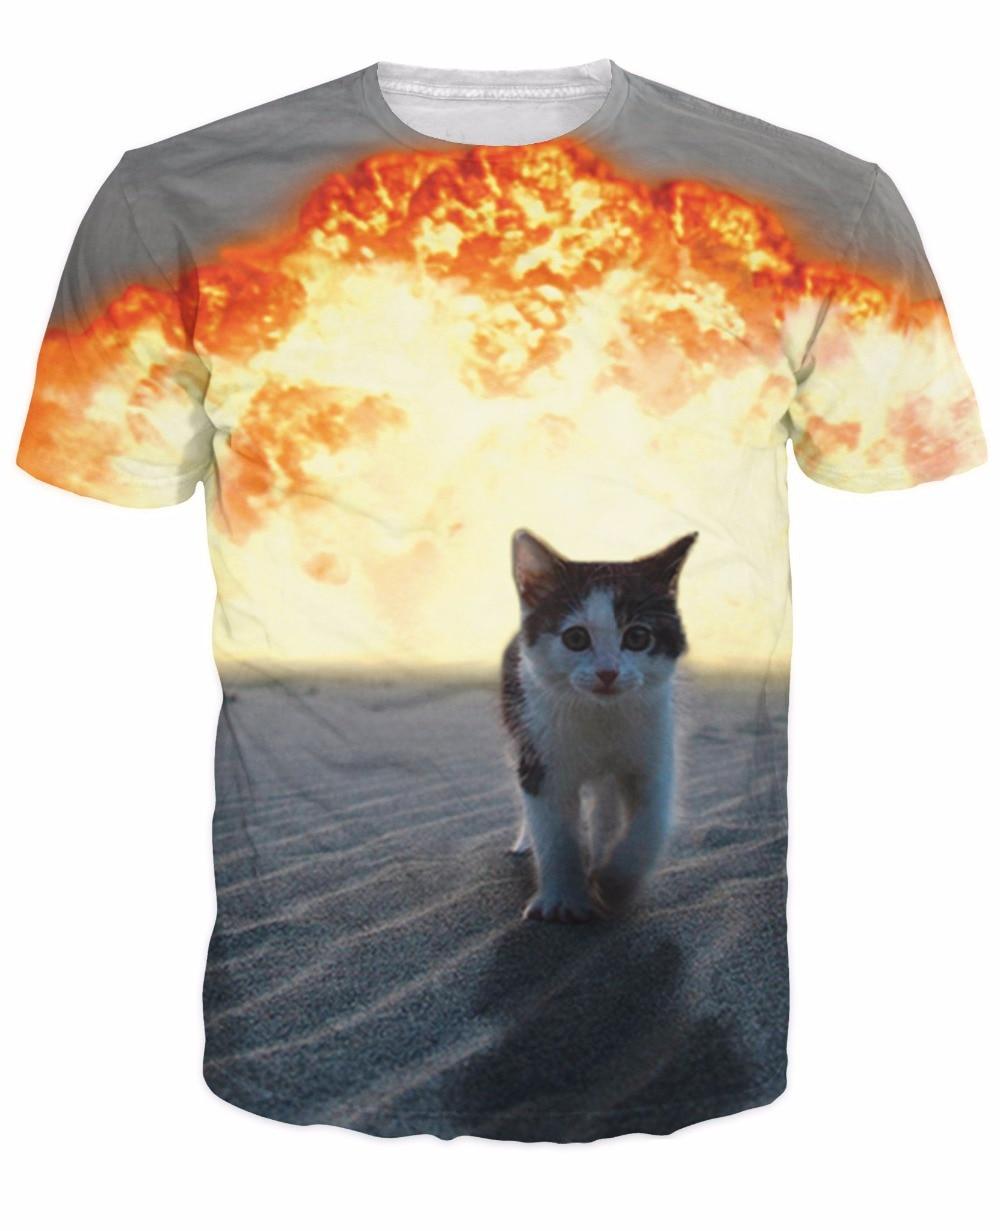 Aliexpress Buy Cat Explosion T Shirt cutest kitten walking